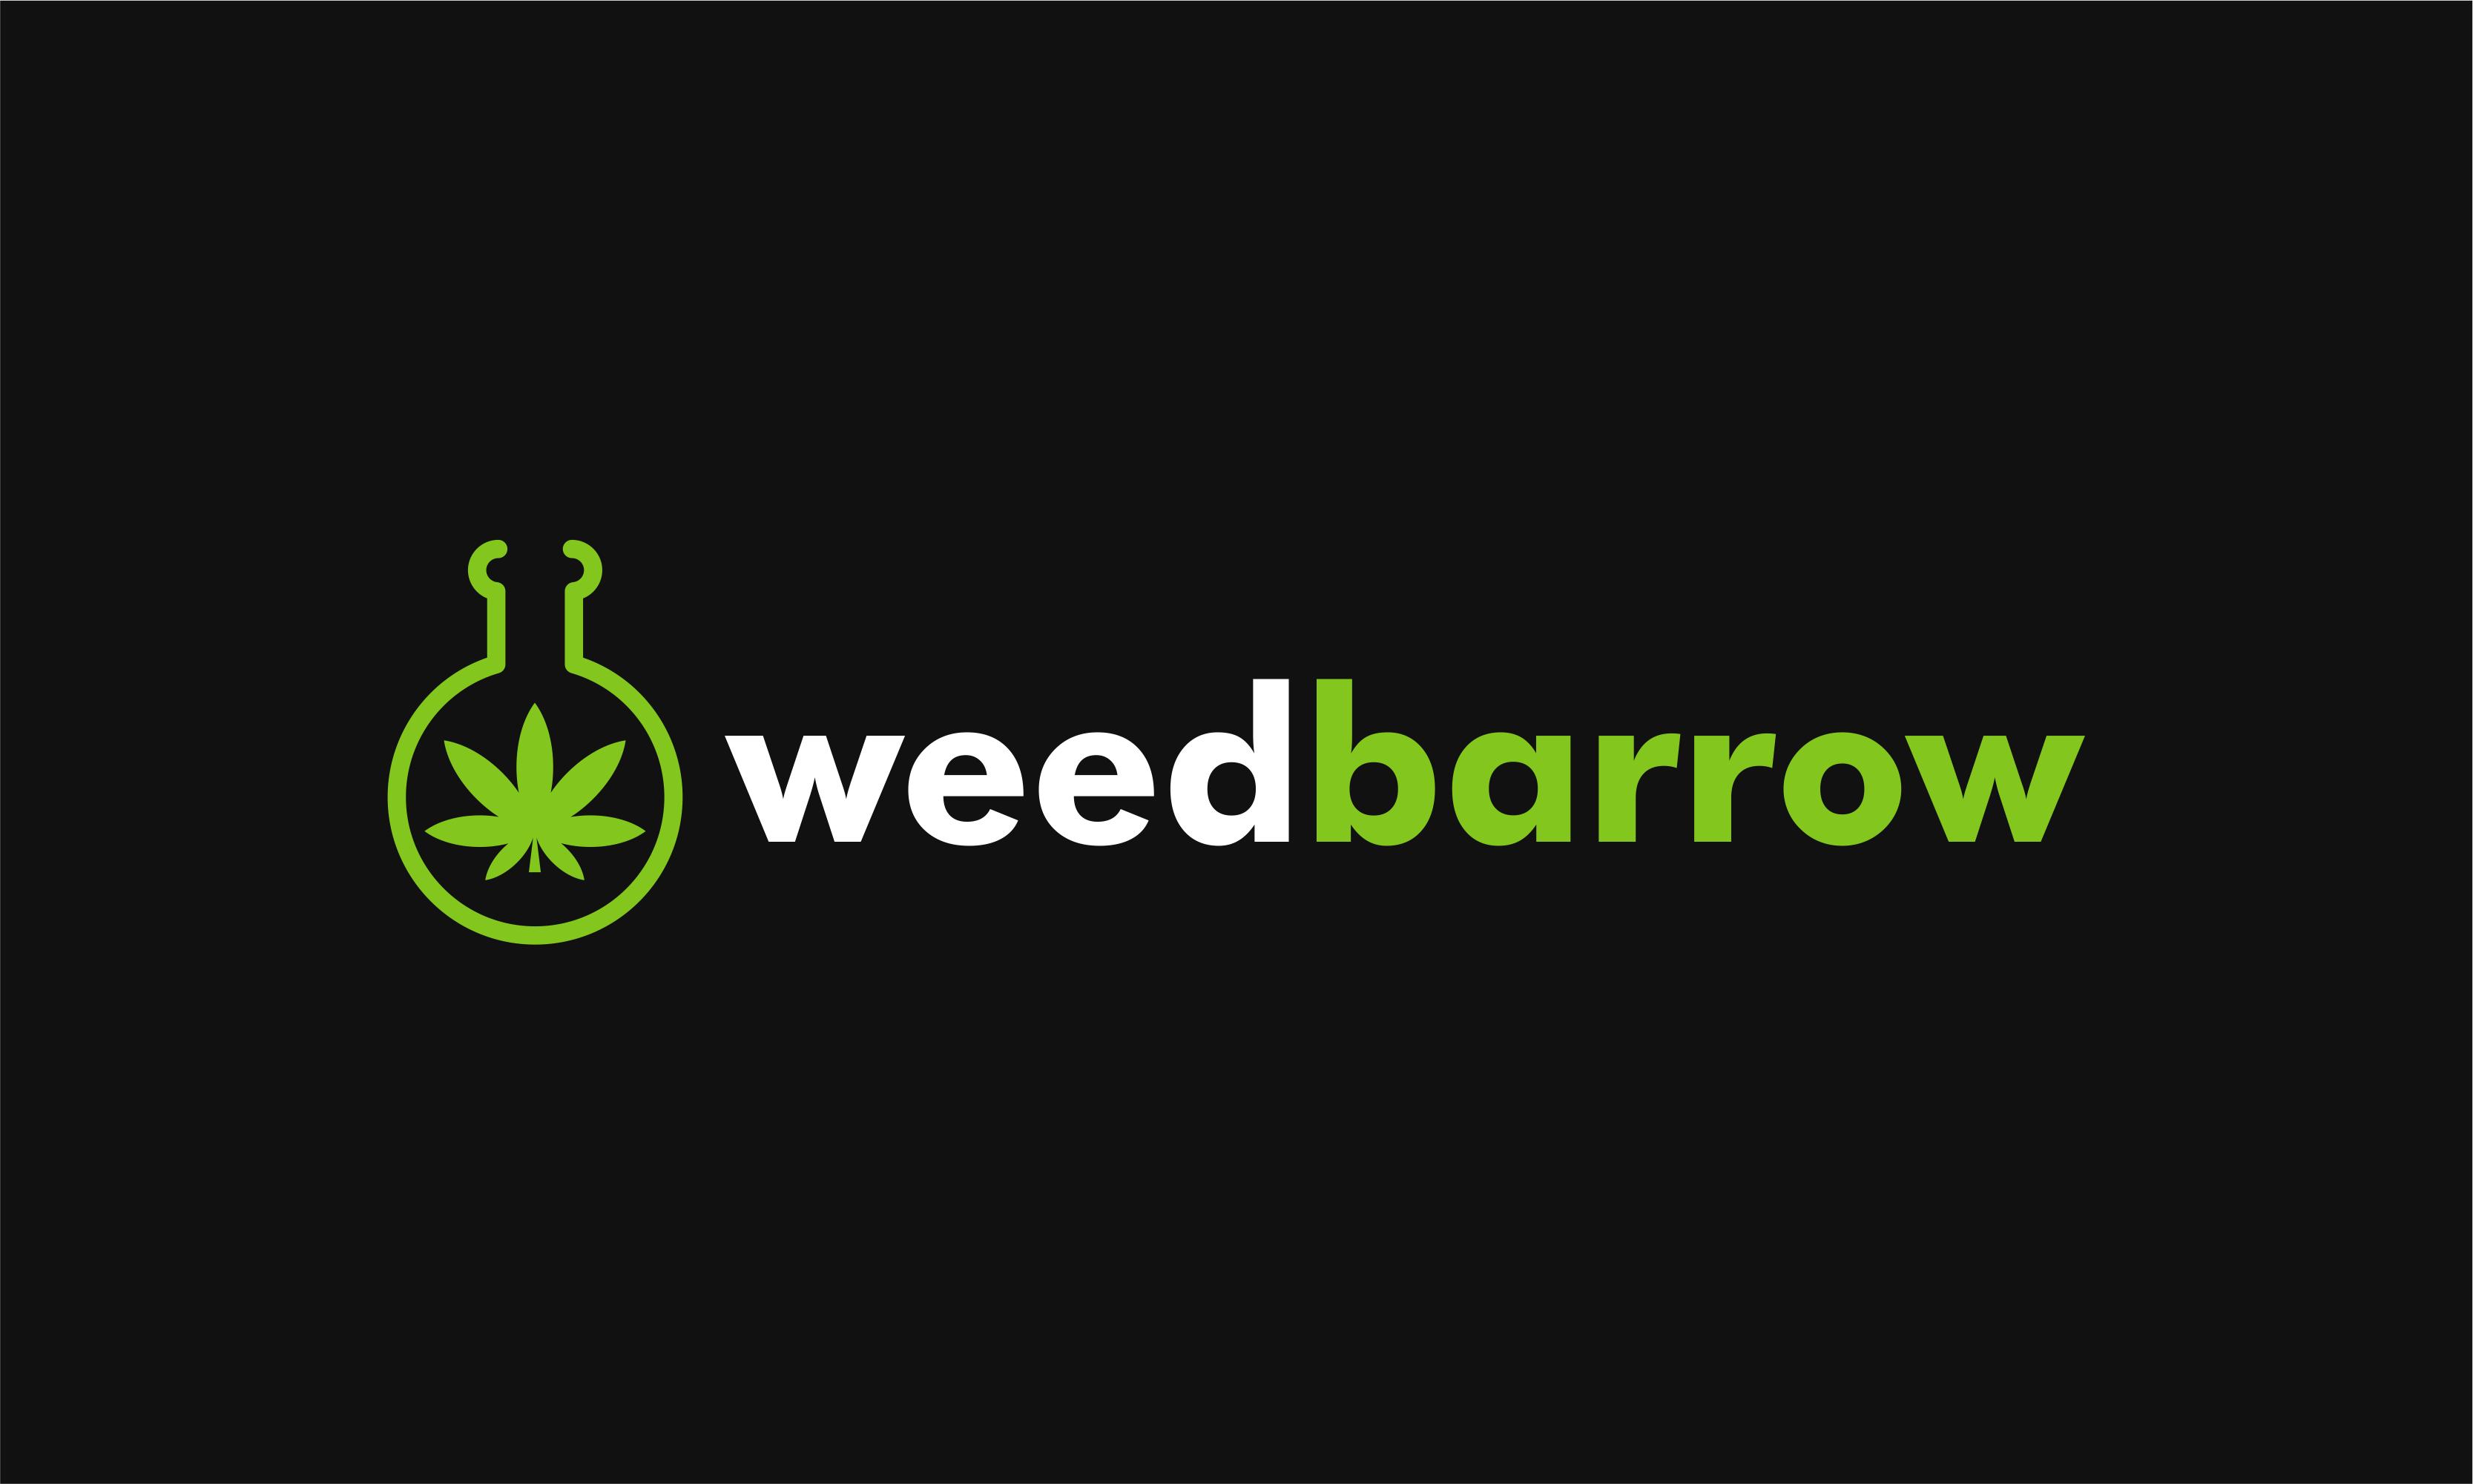 Weedbarrow